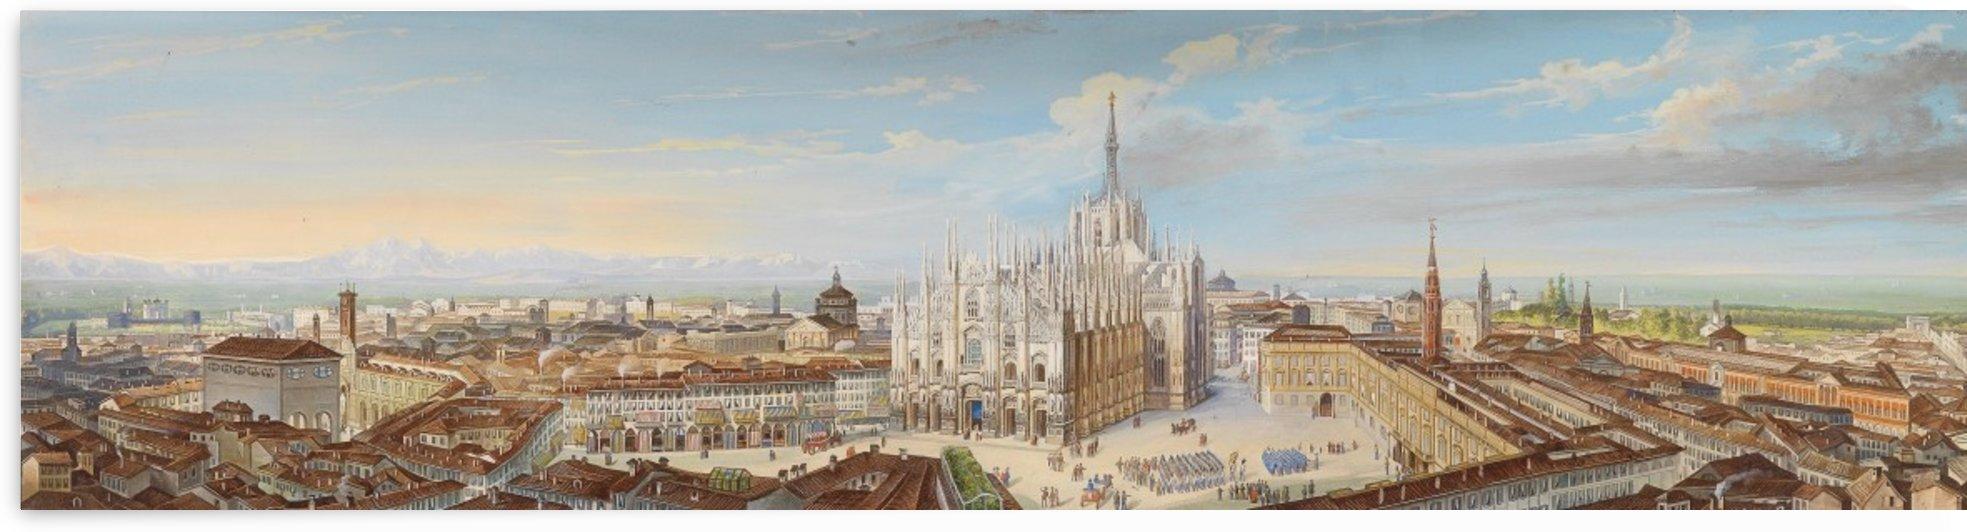 Panorama von Mailand by Leopoldo Calvi